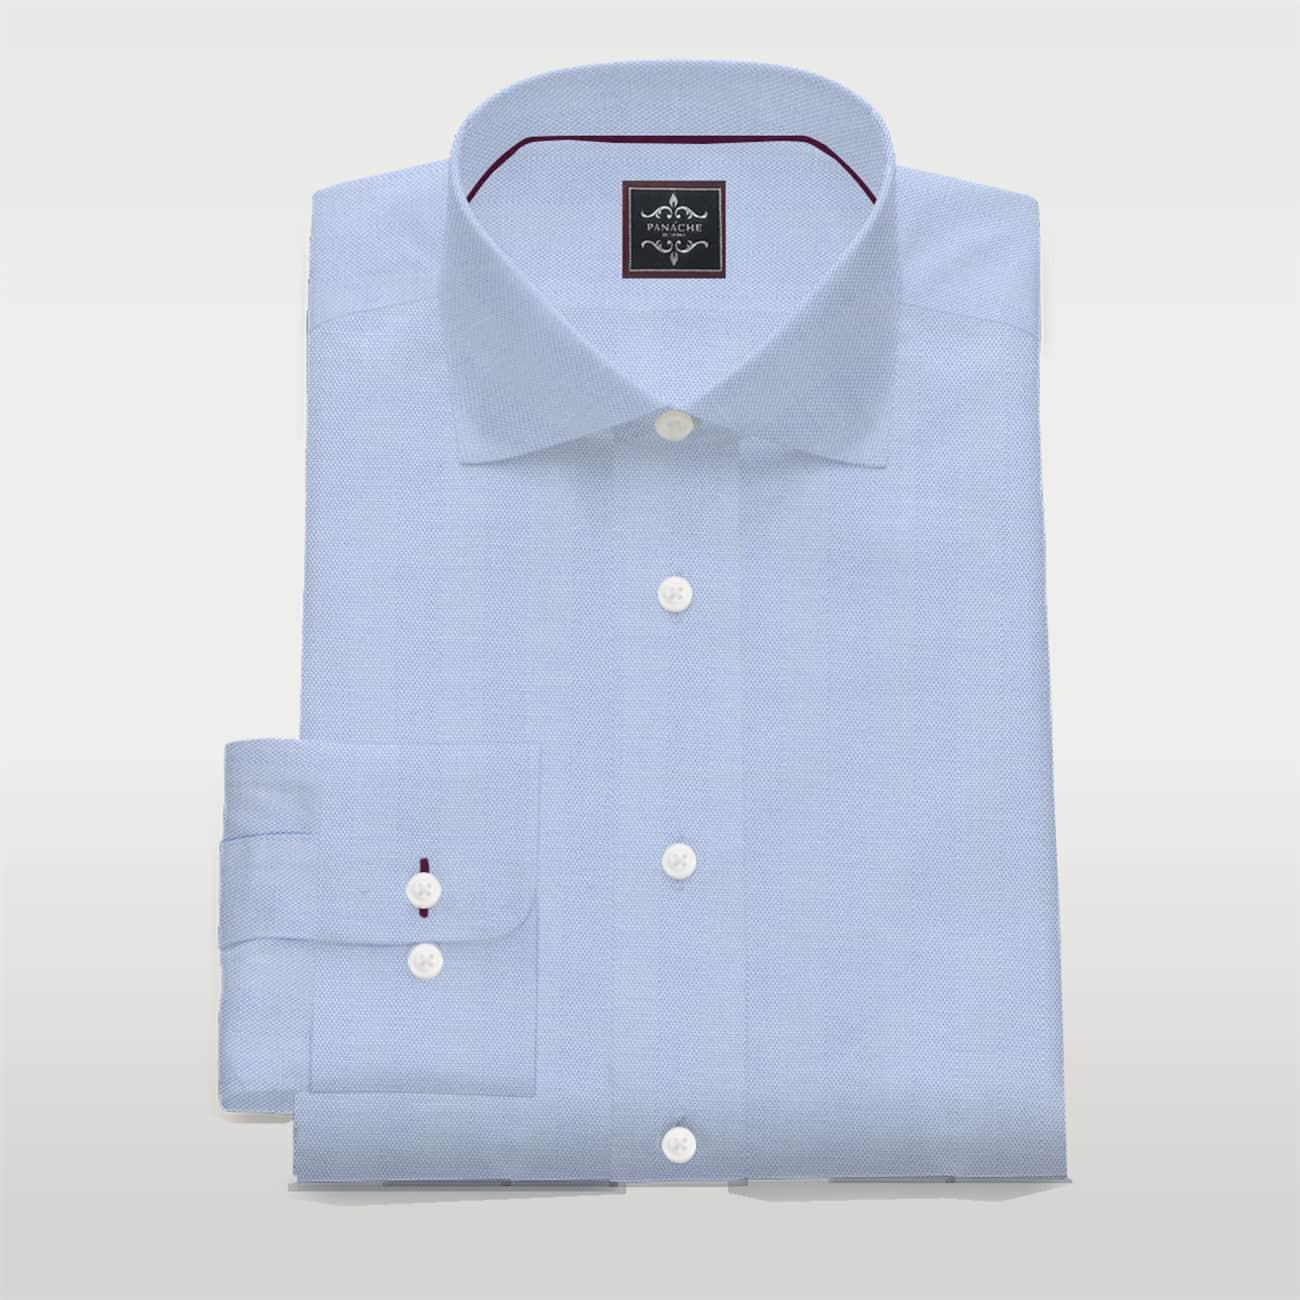 Light Blue poplin custom made shirt